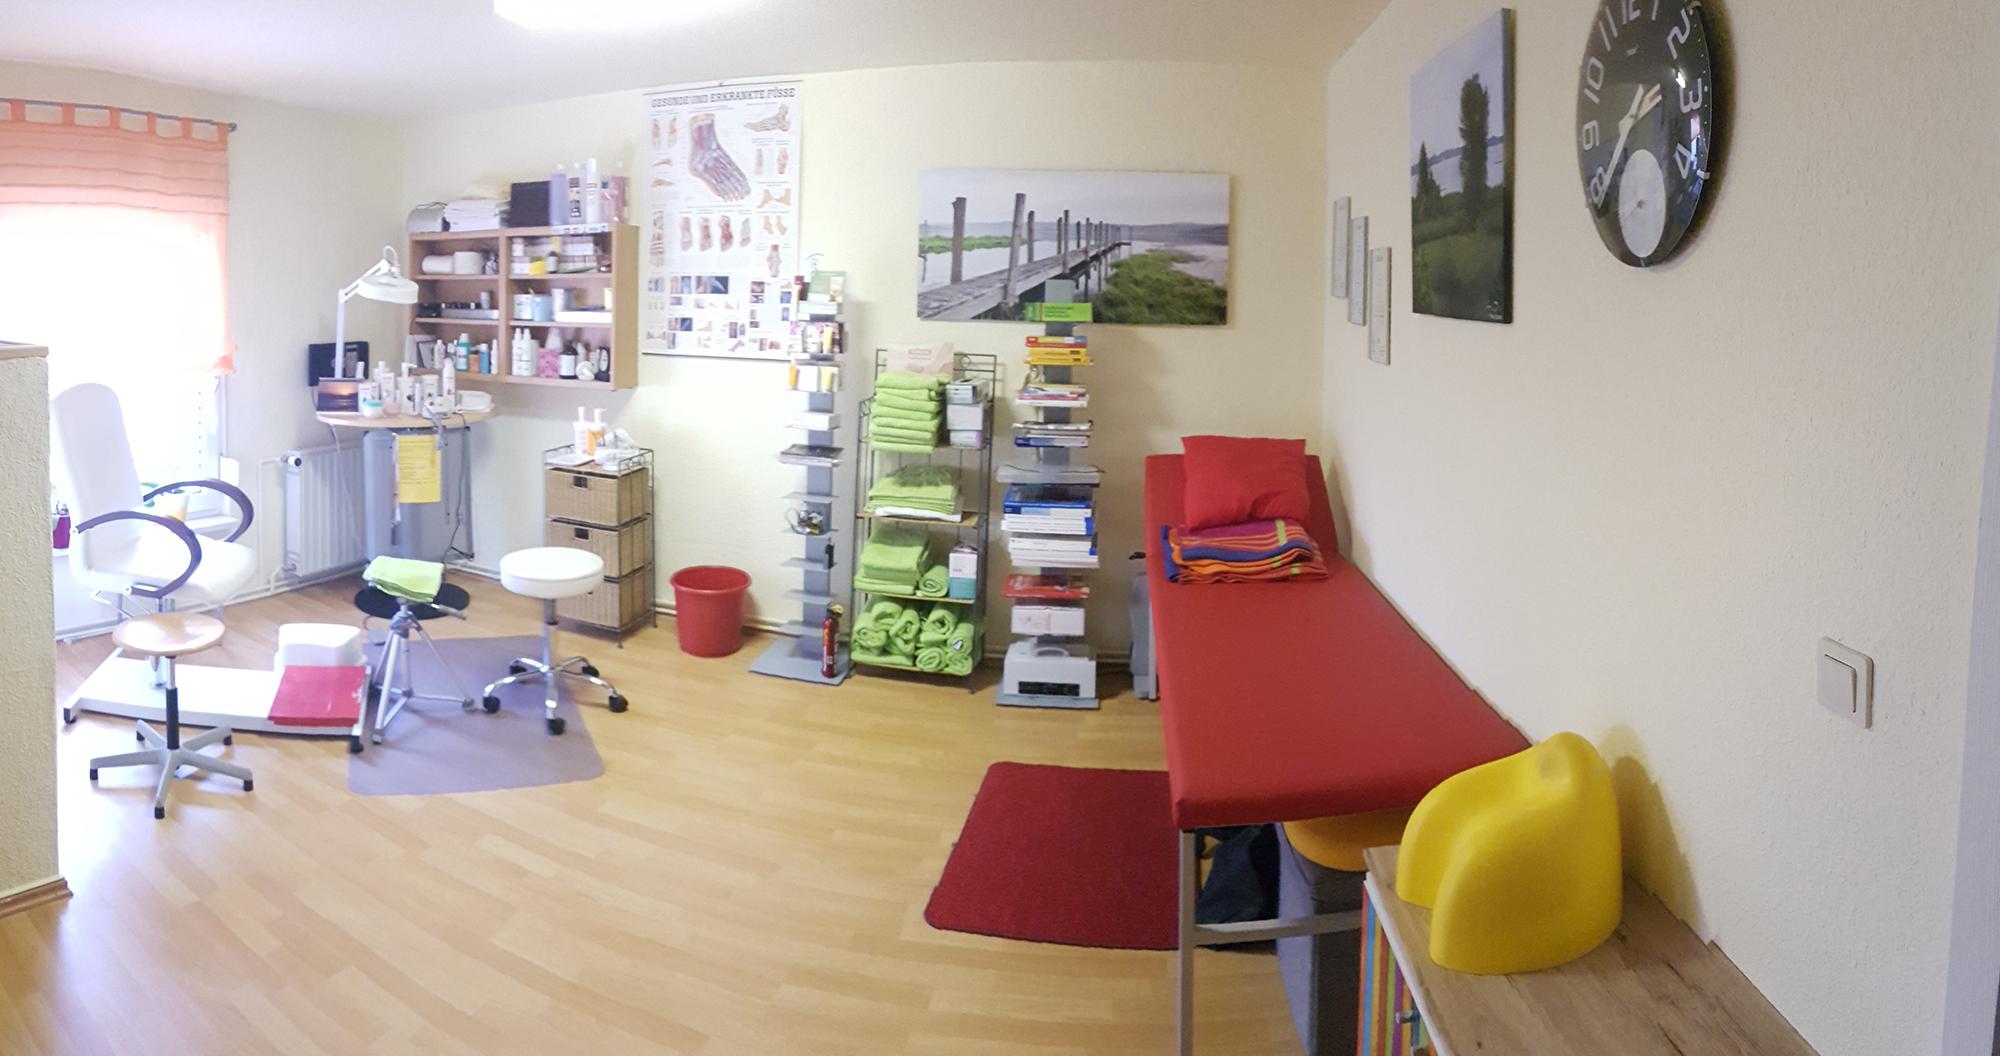 Behandlungs- und Fußpflegebereichb